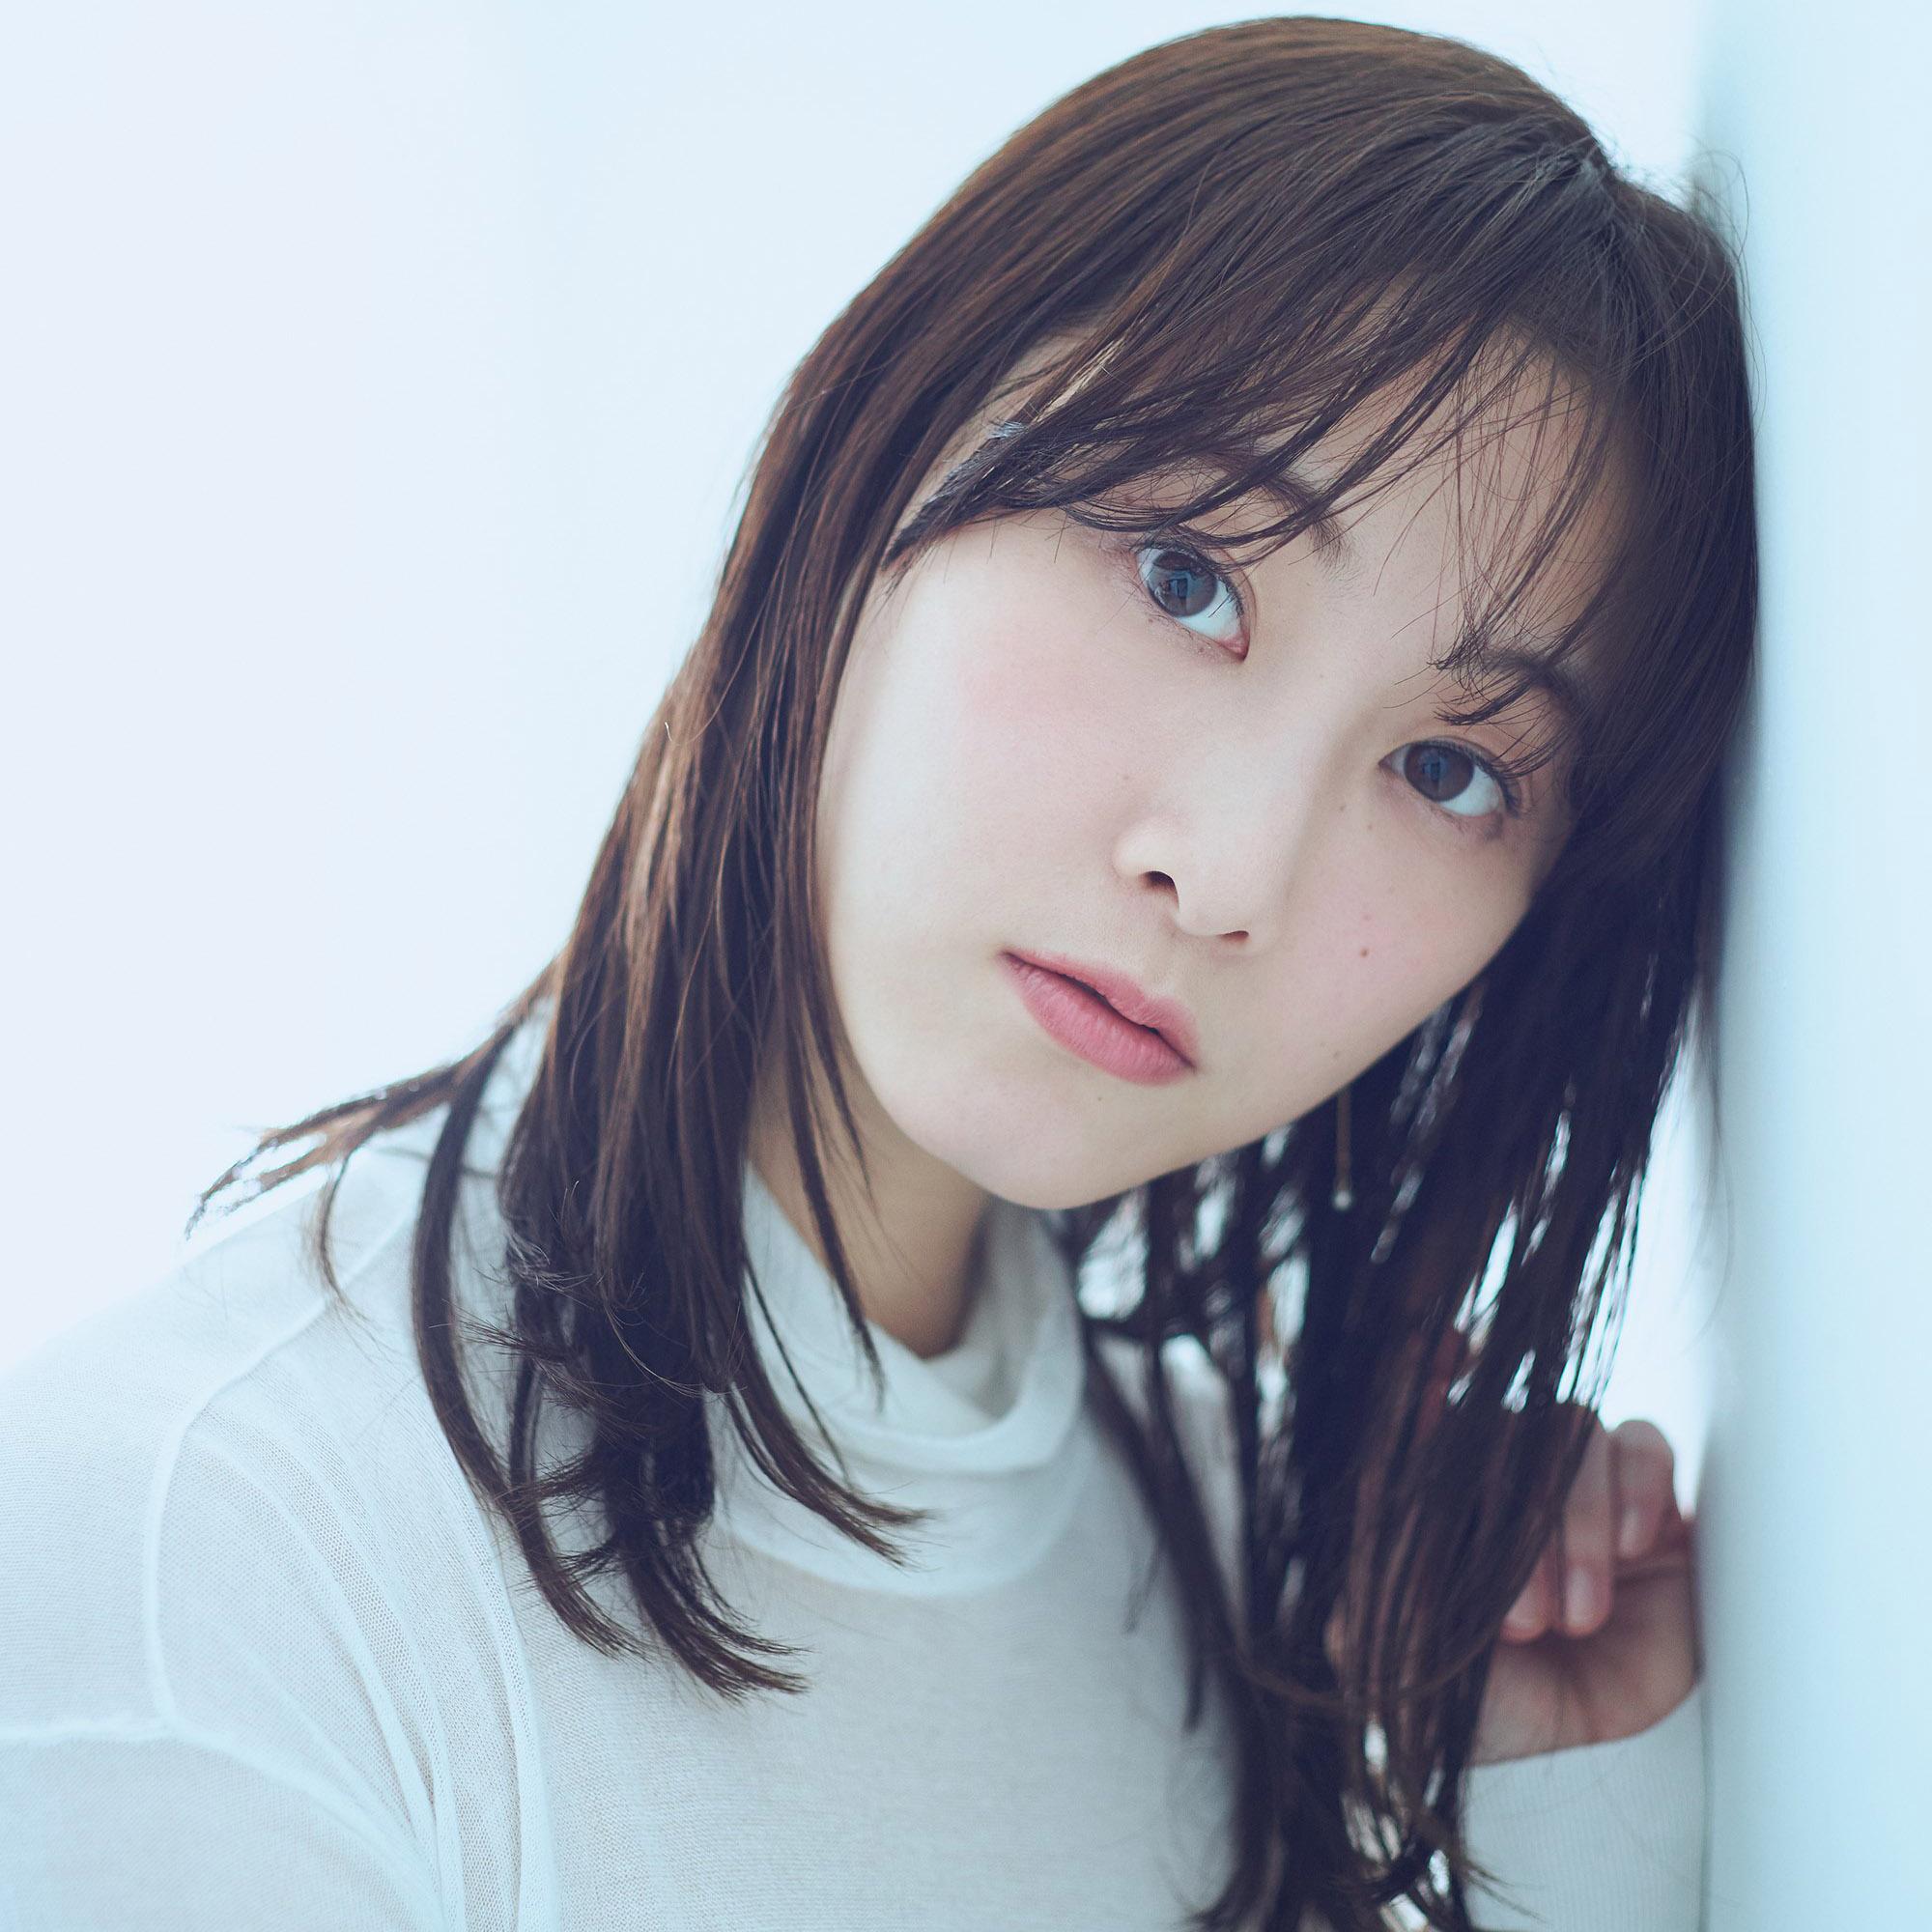 松井玲奈の画像 p1_38